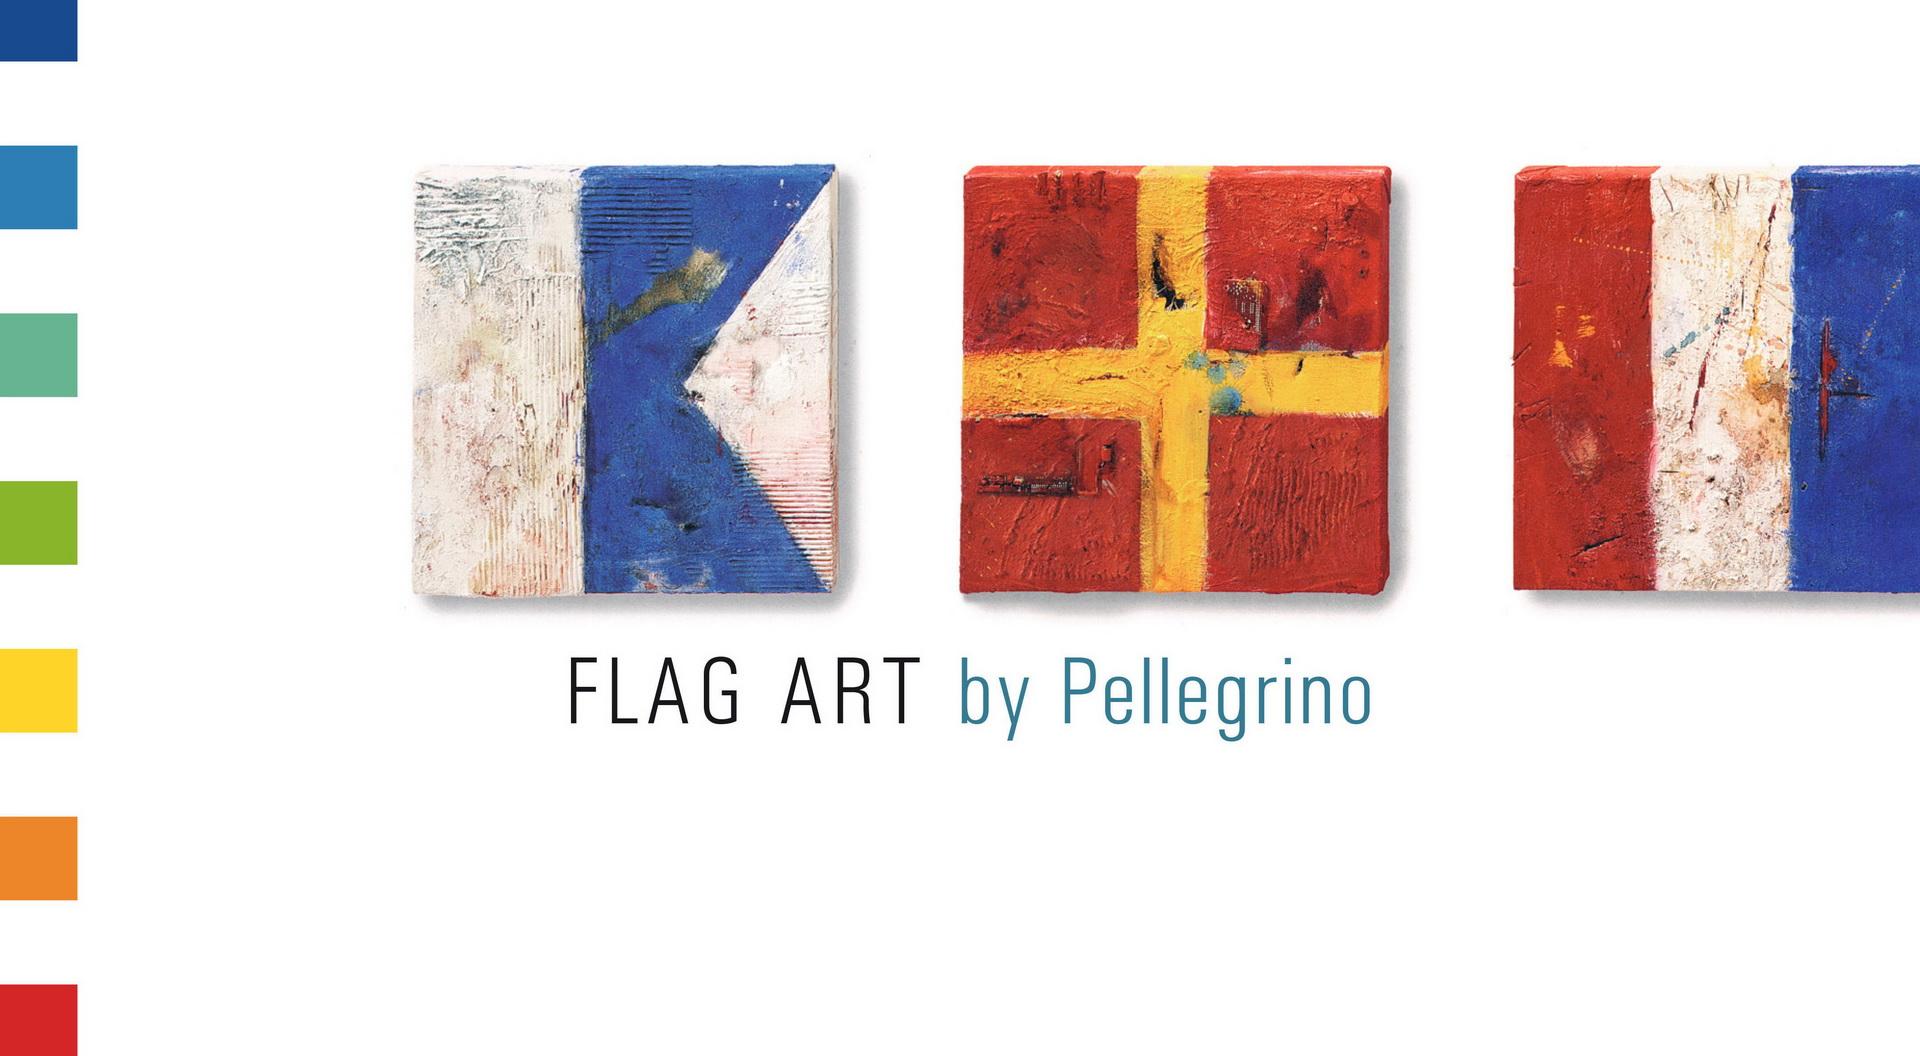 Pellegrino-flagart-1920air01